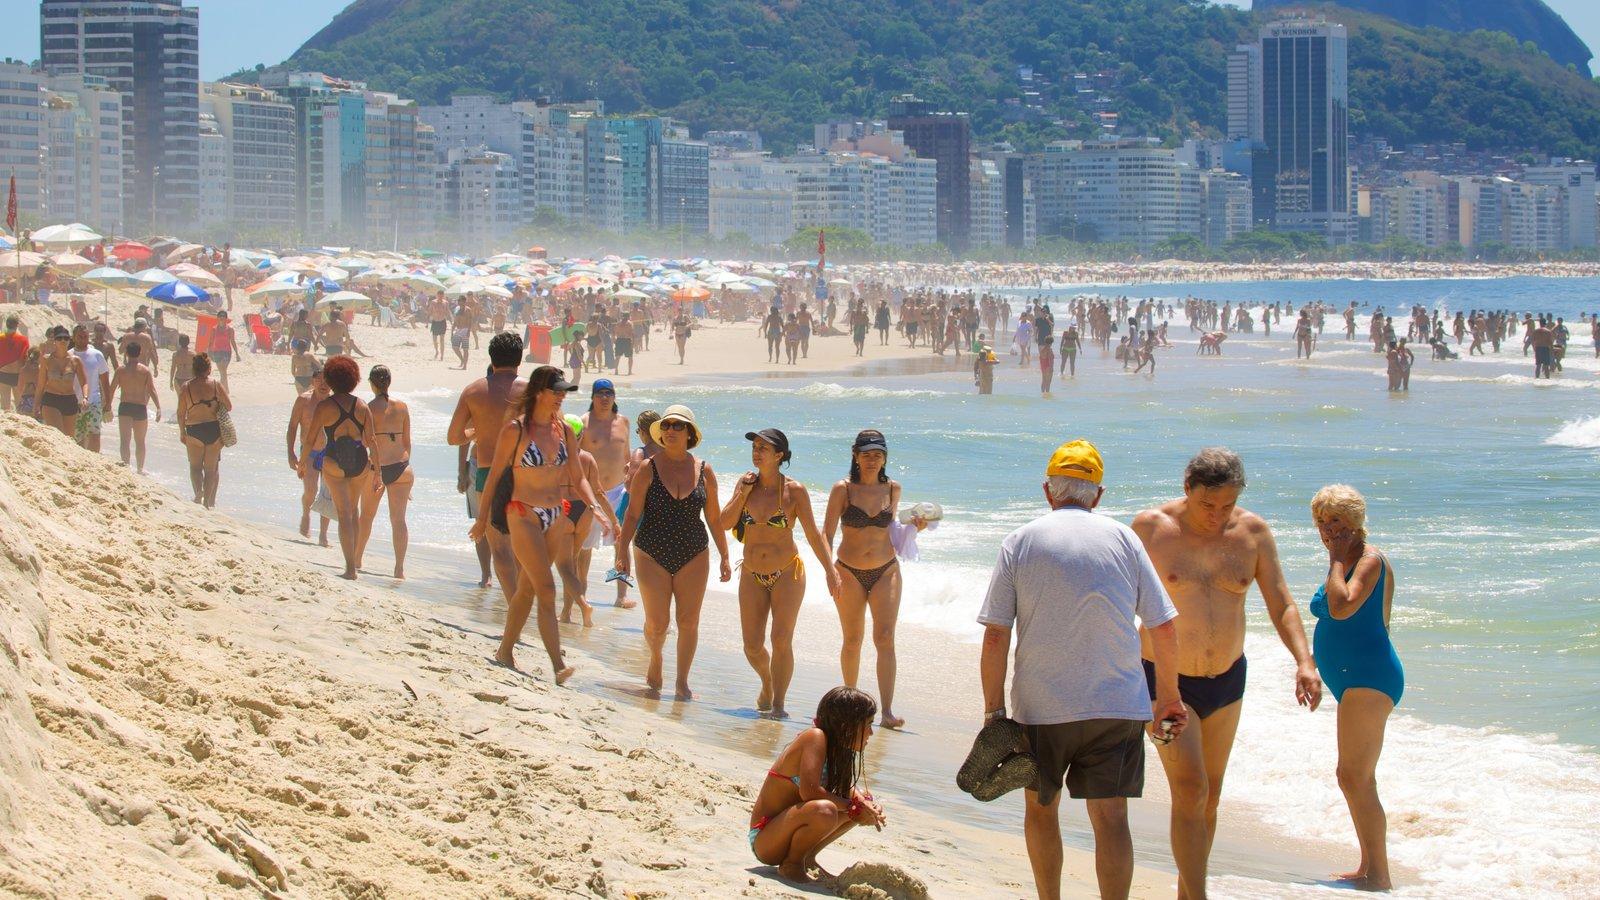 Praia de Copacabana que inclui natação e uma praia assim como um grande grupo de pessoas